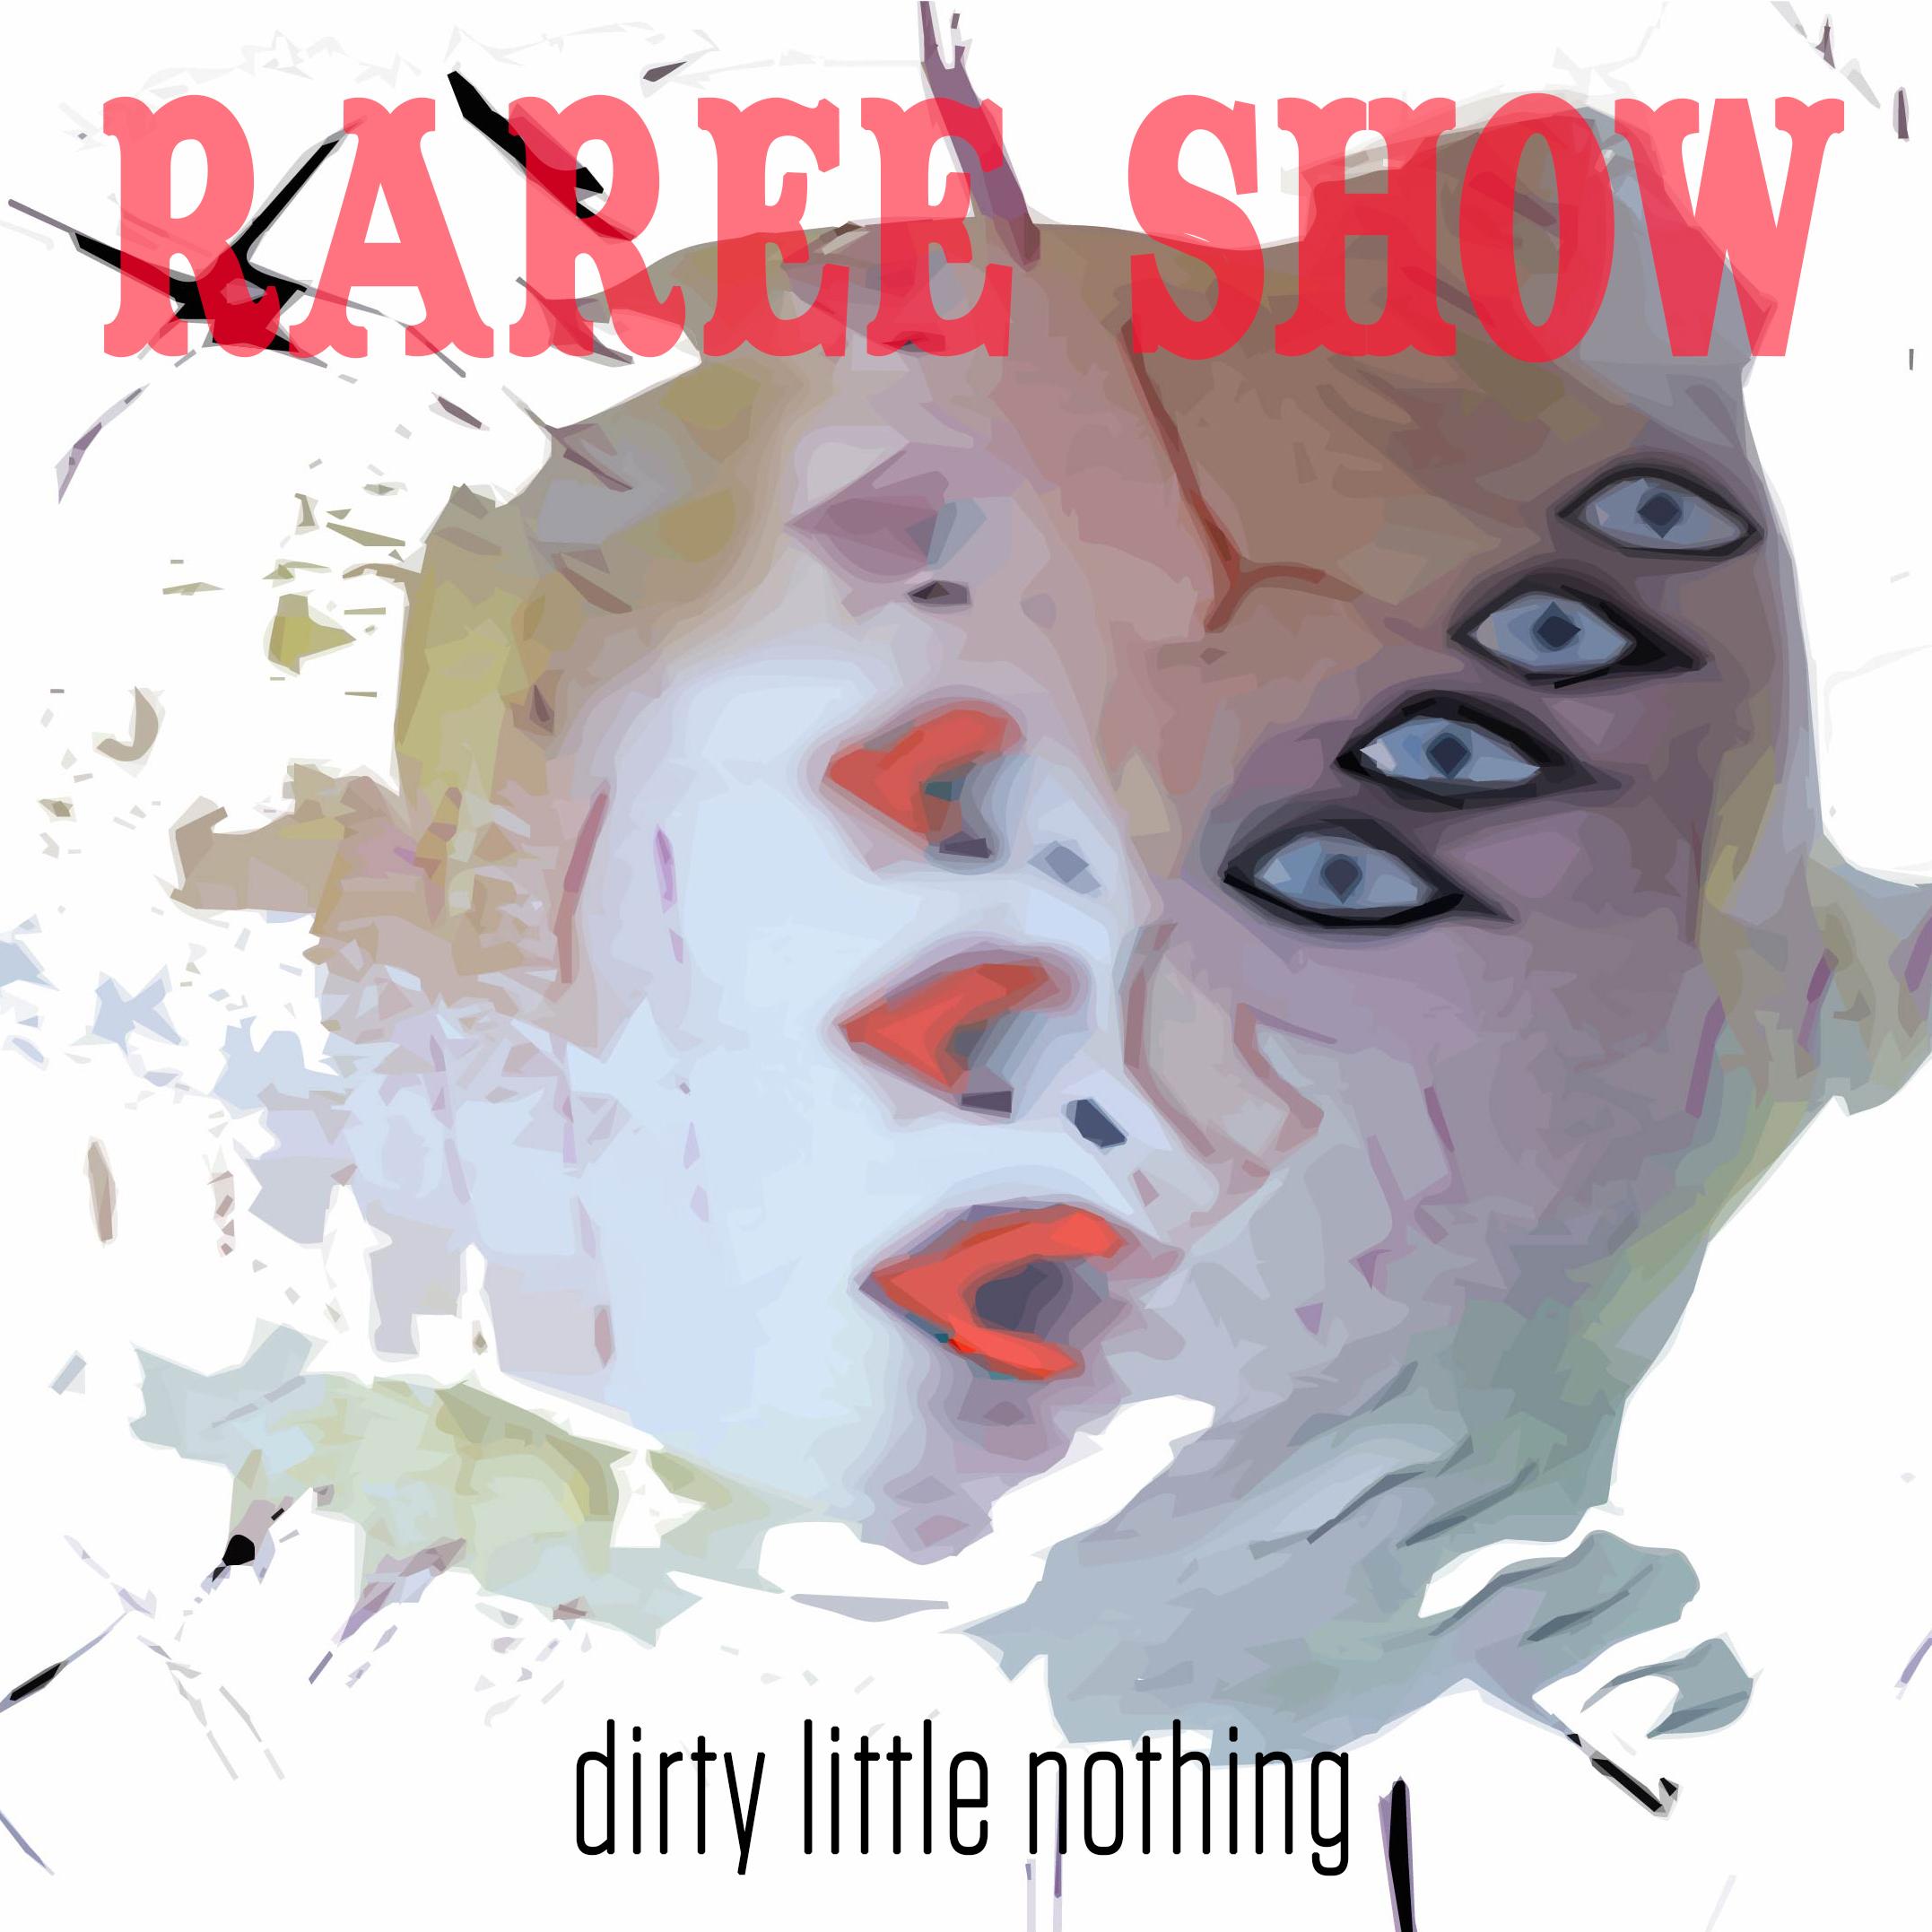 raree show cover